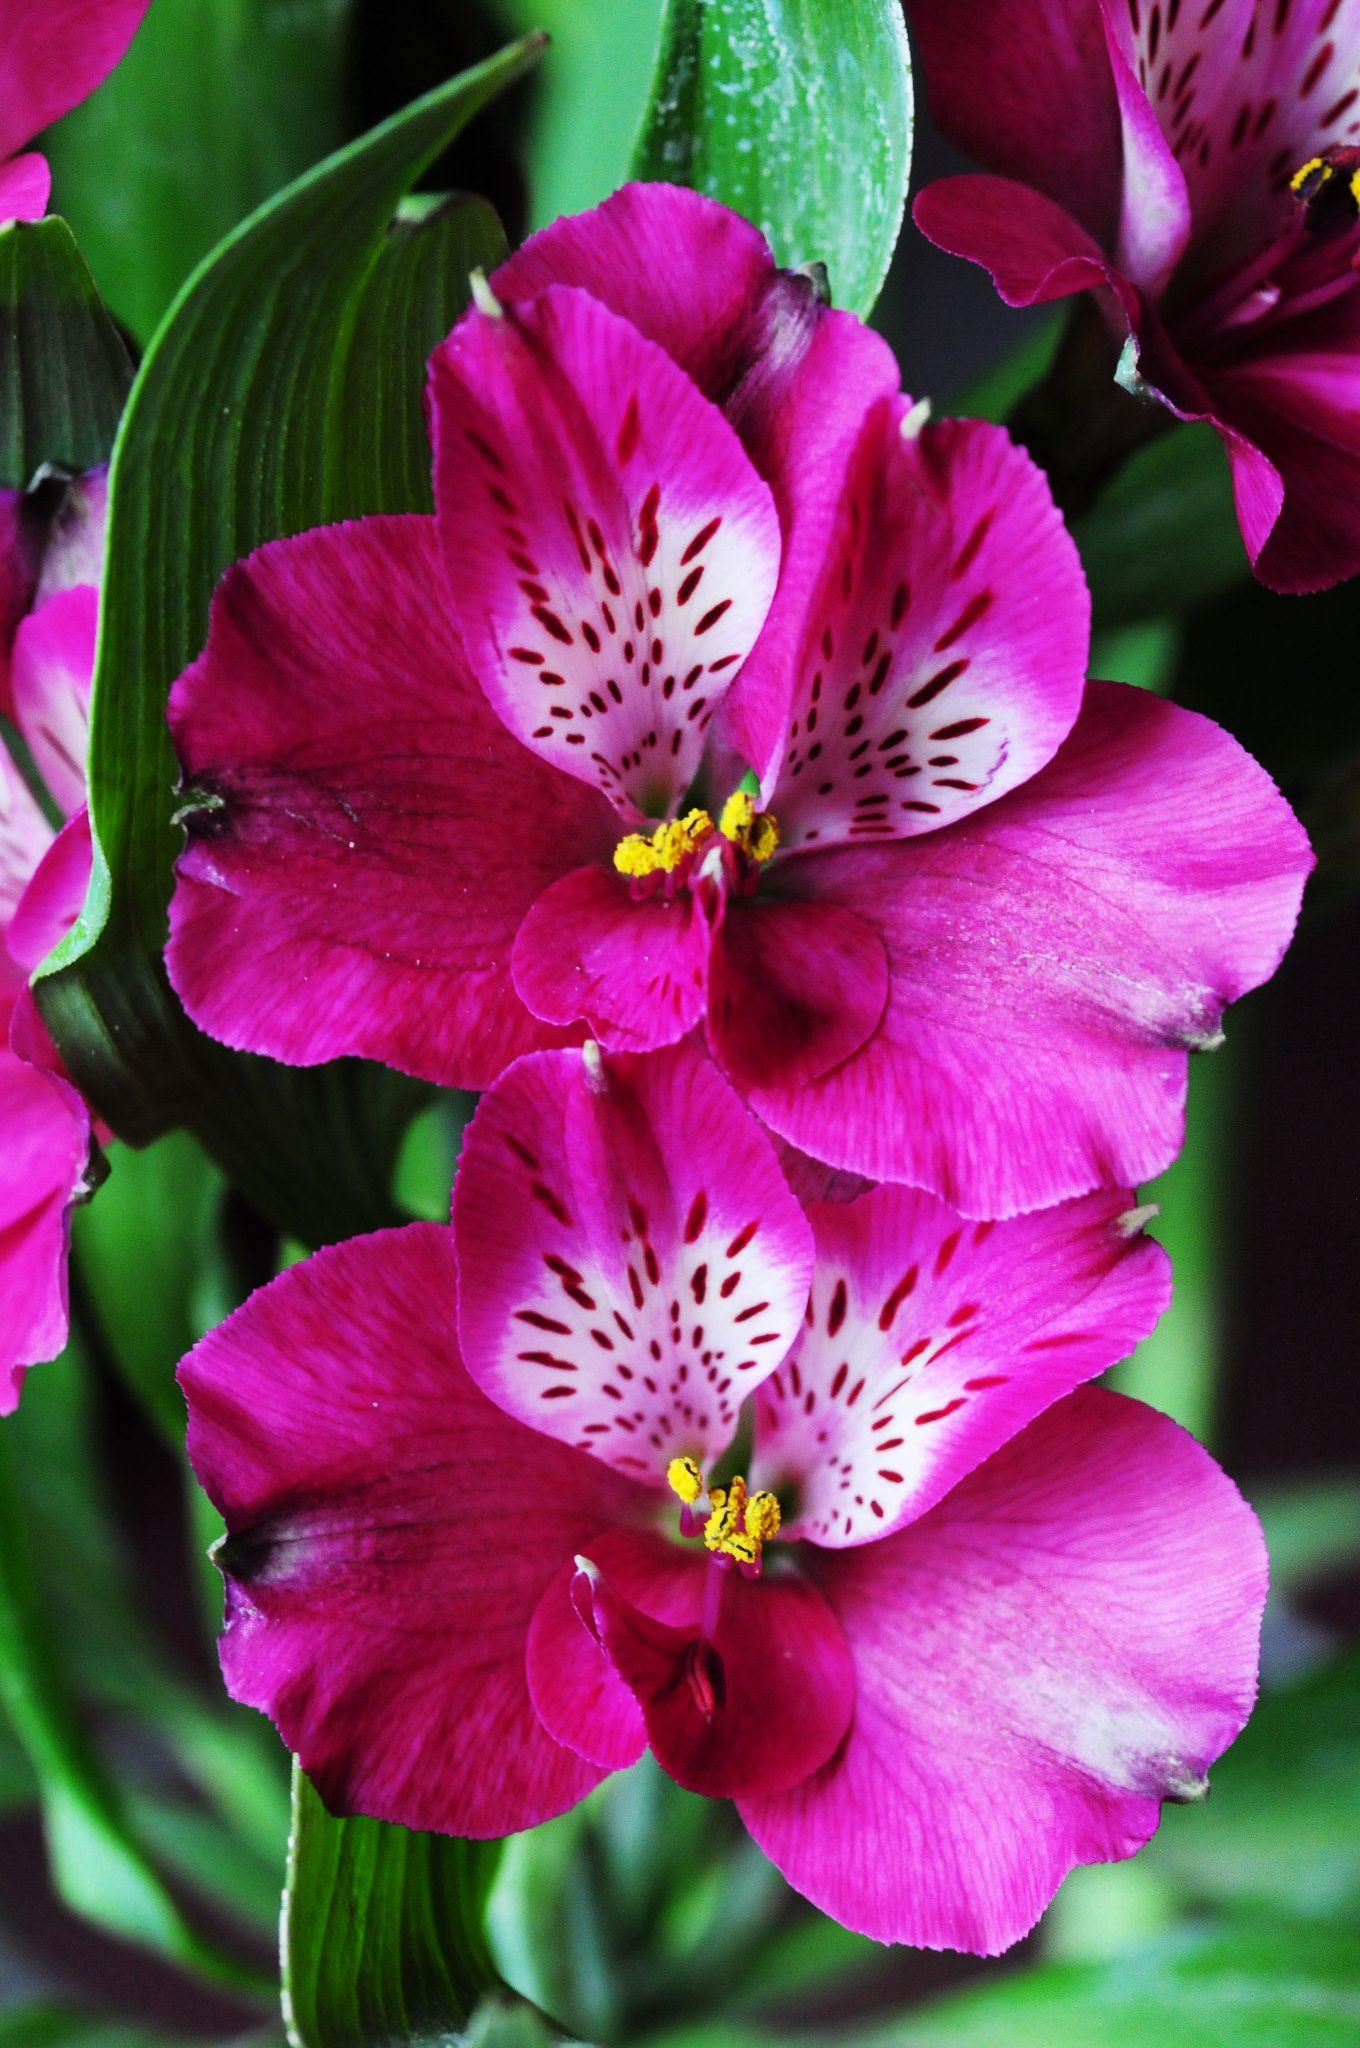 Alstroemeria Peruvian lily